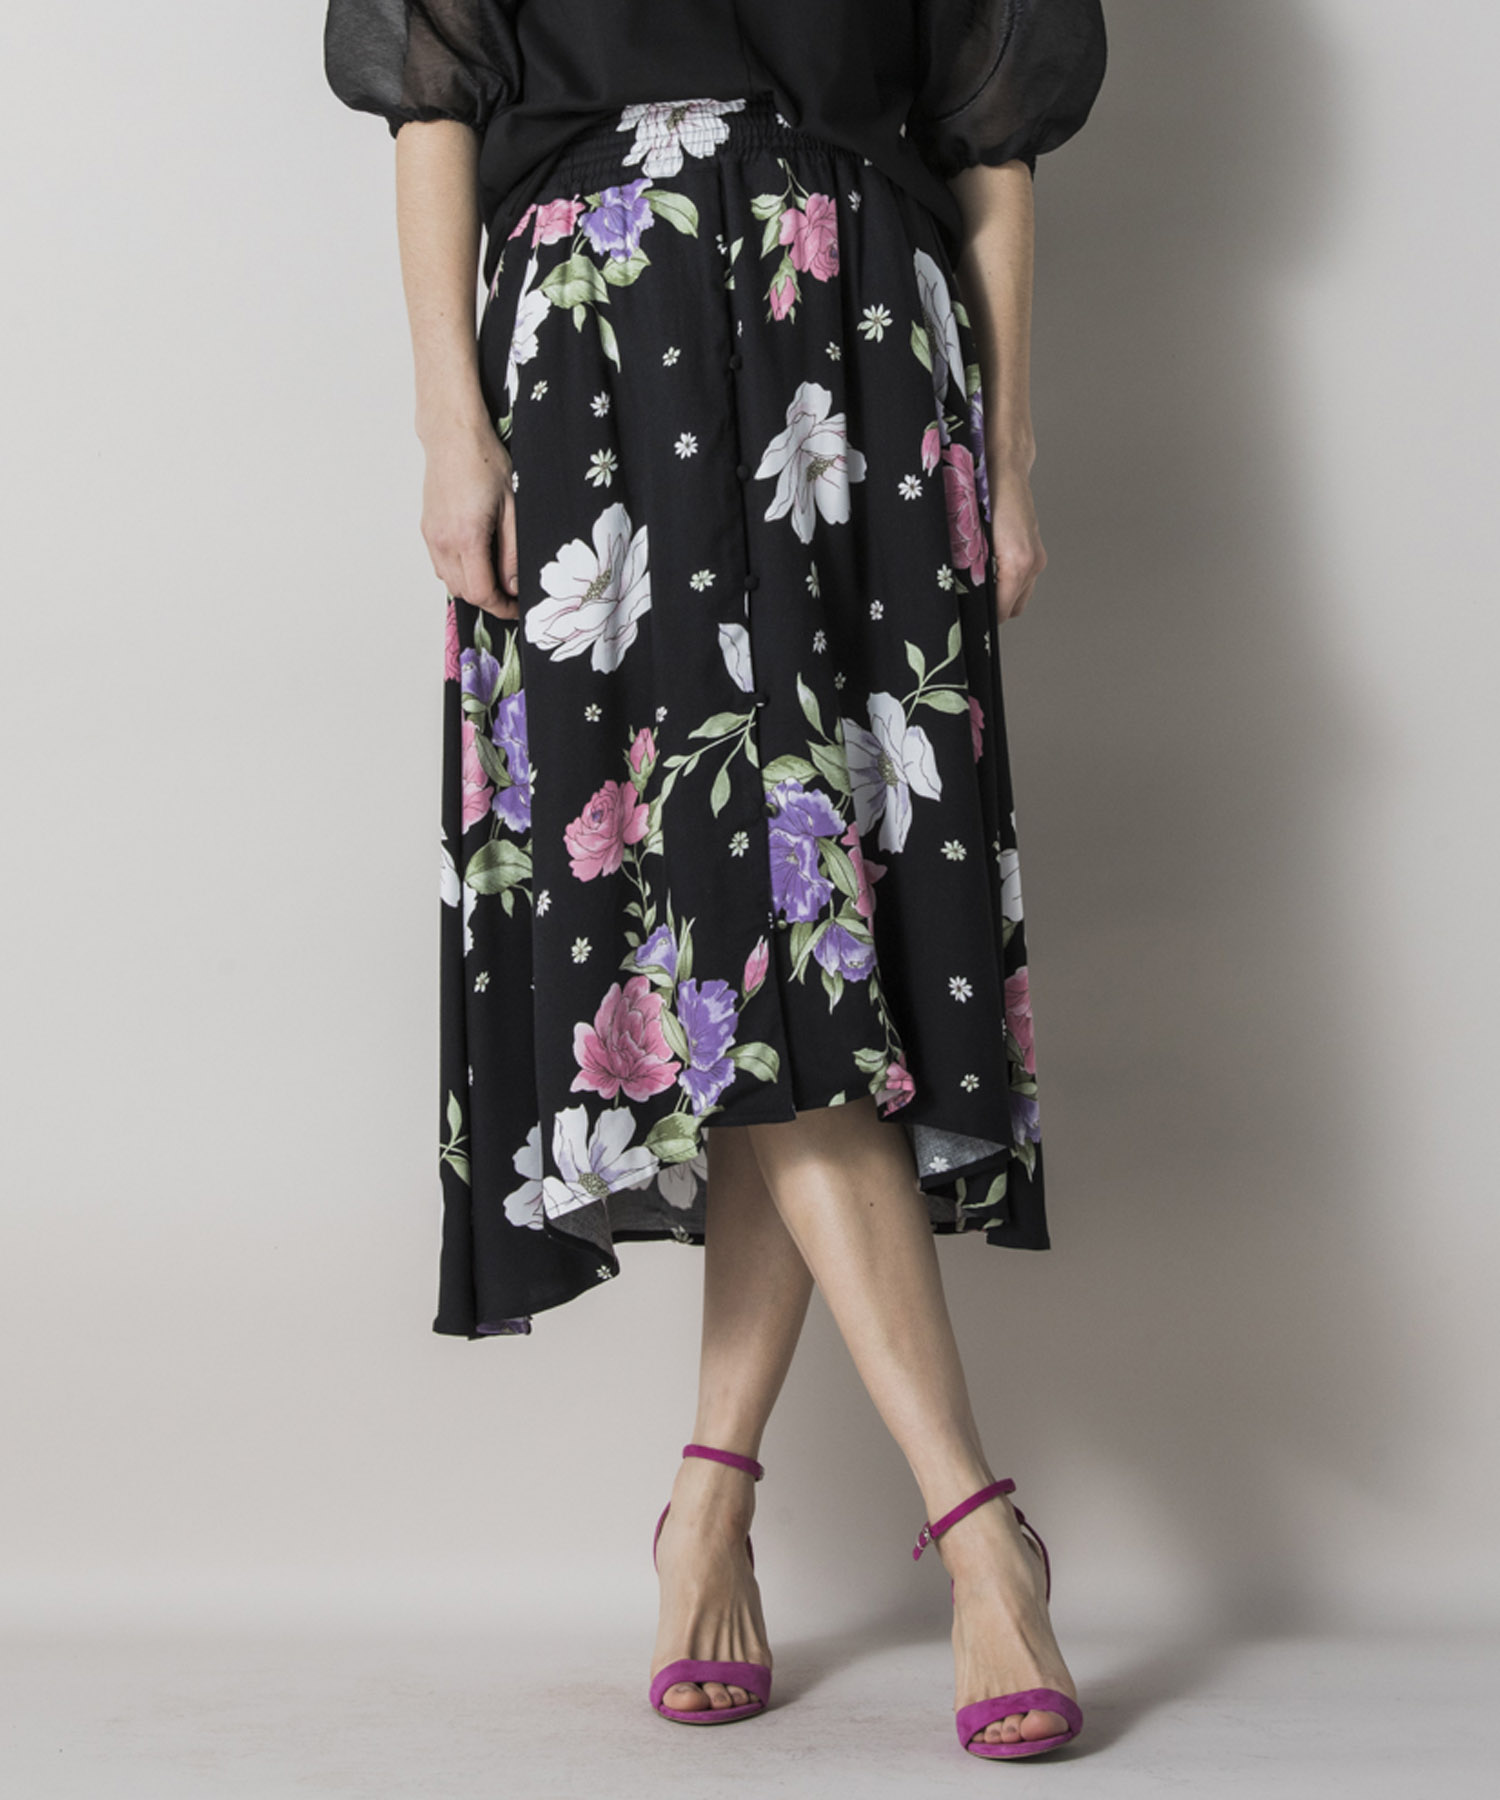 【STYLEBAR】オリジナルフラワーロングスカート